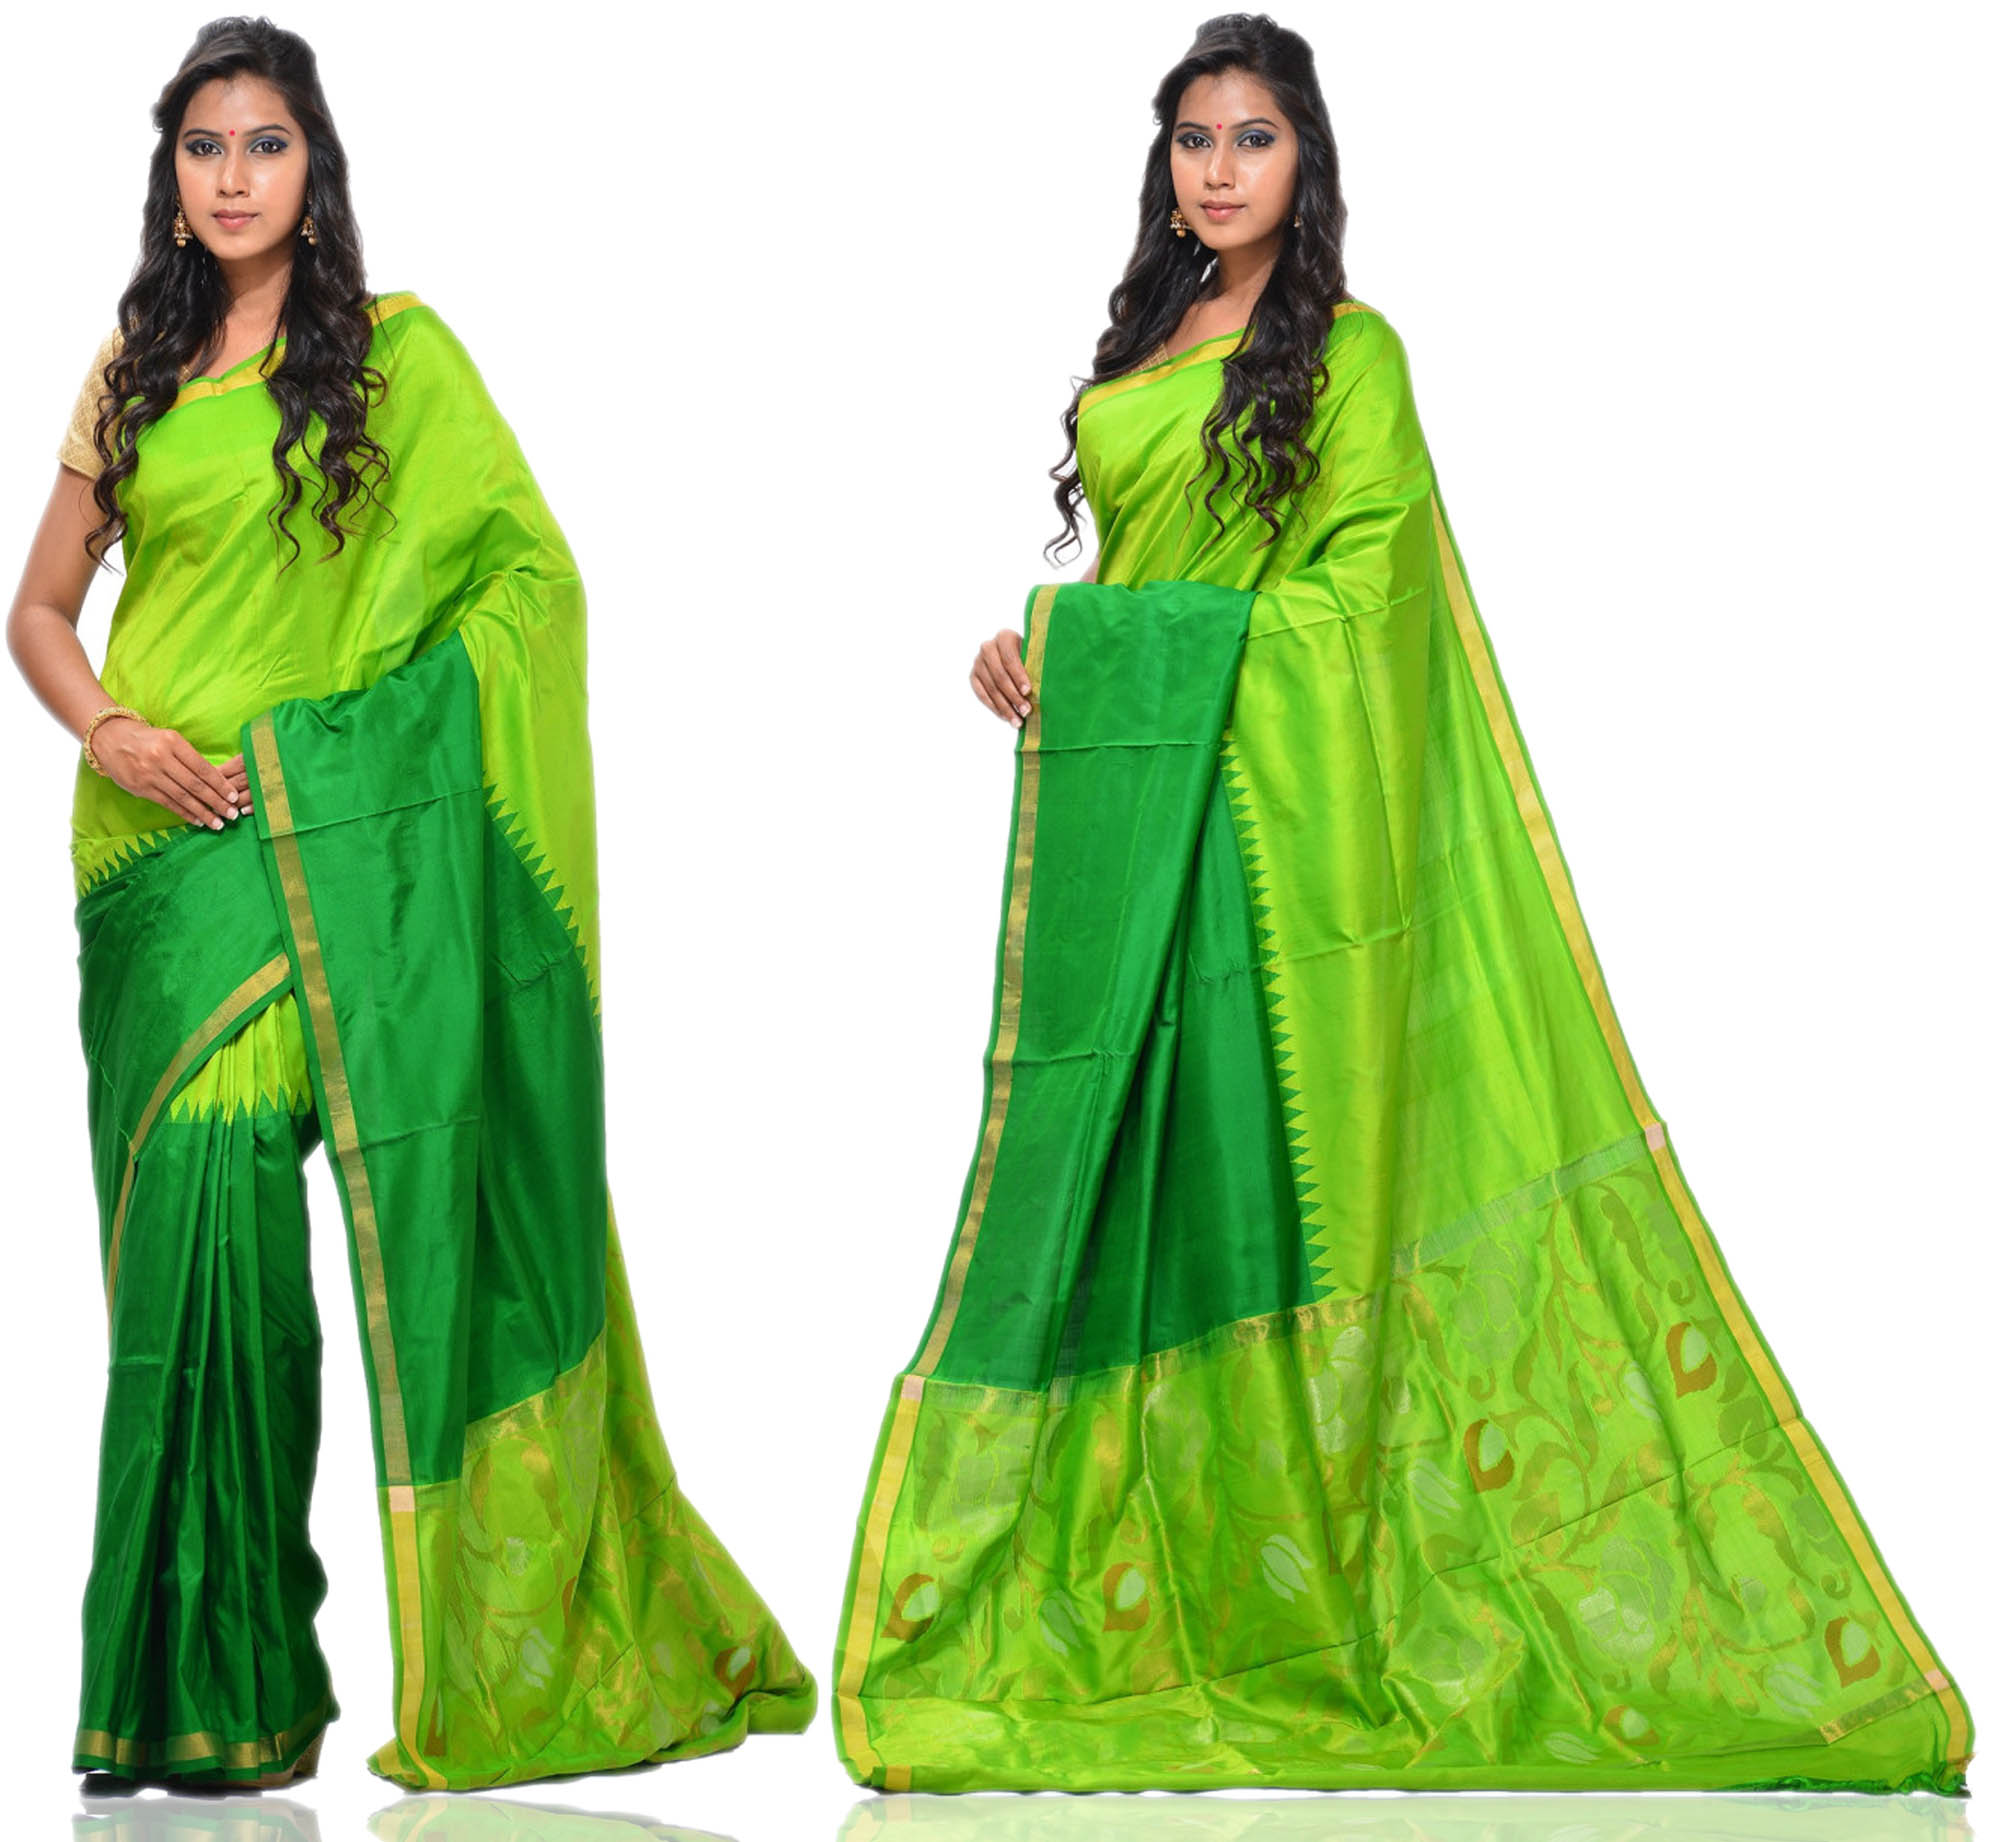 Price: - 10000/-   Uppada presents new collection of uppada sarees, uppada cotton silk sarees, uppada silk sarees, uppada silk sarees. Sign up now for E-book you will be updated with latest collection of ethnic verities. For More Info Click on :- www.uppada.com  We manufacture of Uppada sarees, Paithani sarees, Banarasi sarees, Venkatagiri Sarees, Gadwal Sarees, Khadi sarees, Hand Painted Kalamkari Dupatta, Ikkat sarees, Kanchipuram Sarees, Atr Poly Silk Sarees, Dupattas, Stoles etc. For more info us at 040 64640303, 441905005. - by Paithani, Hyderabad